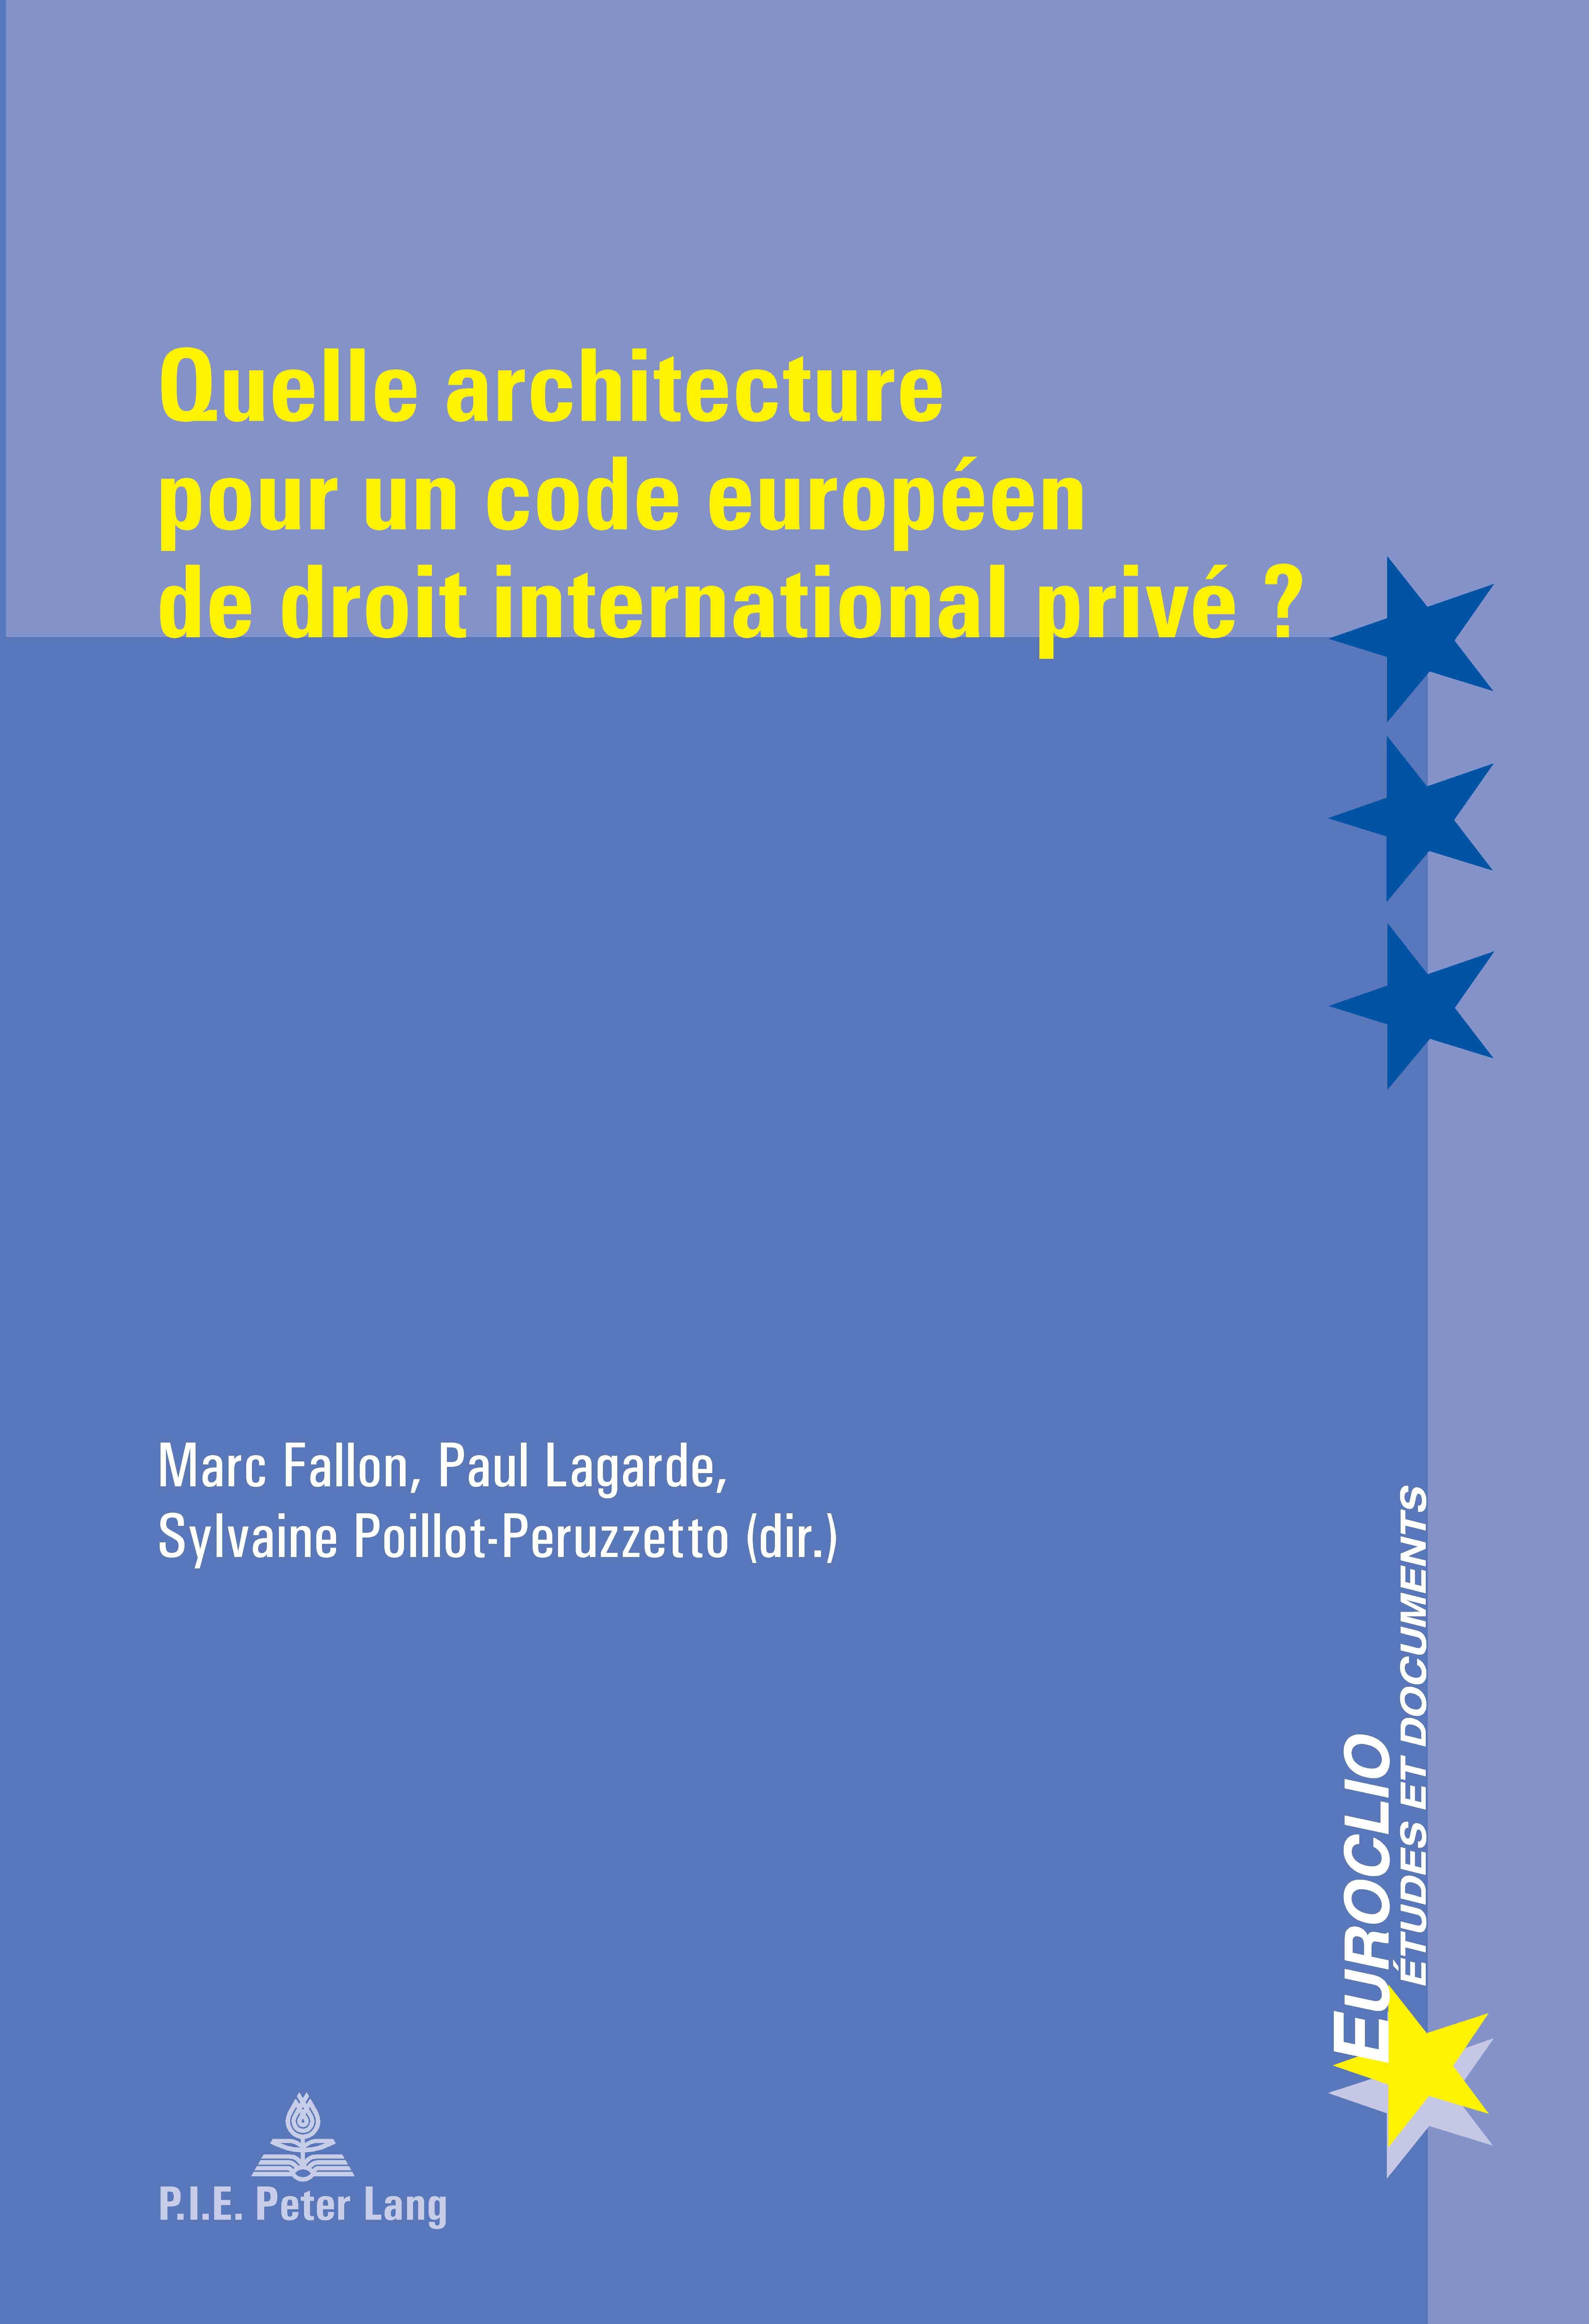 QUELLE ARCHITECTURE POUR UN CODE EUROPEEN DE DROIT INTERNATIONAL PRIVE?